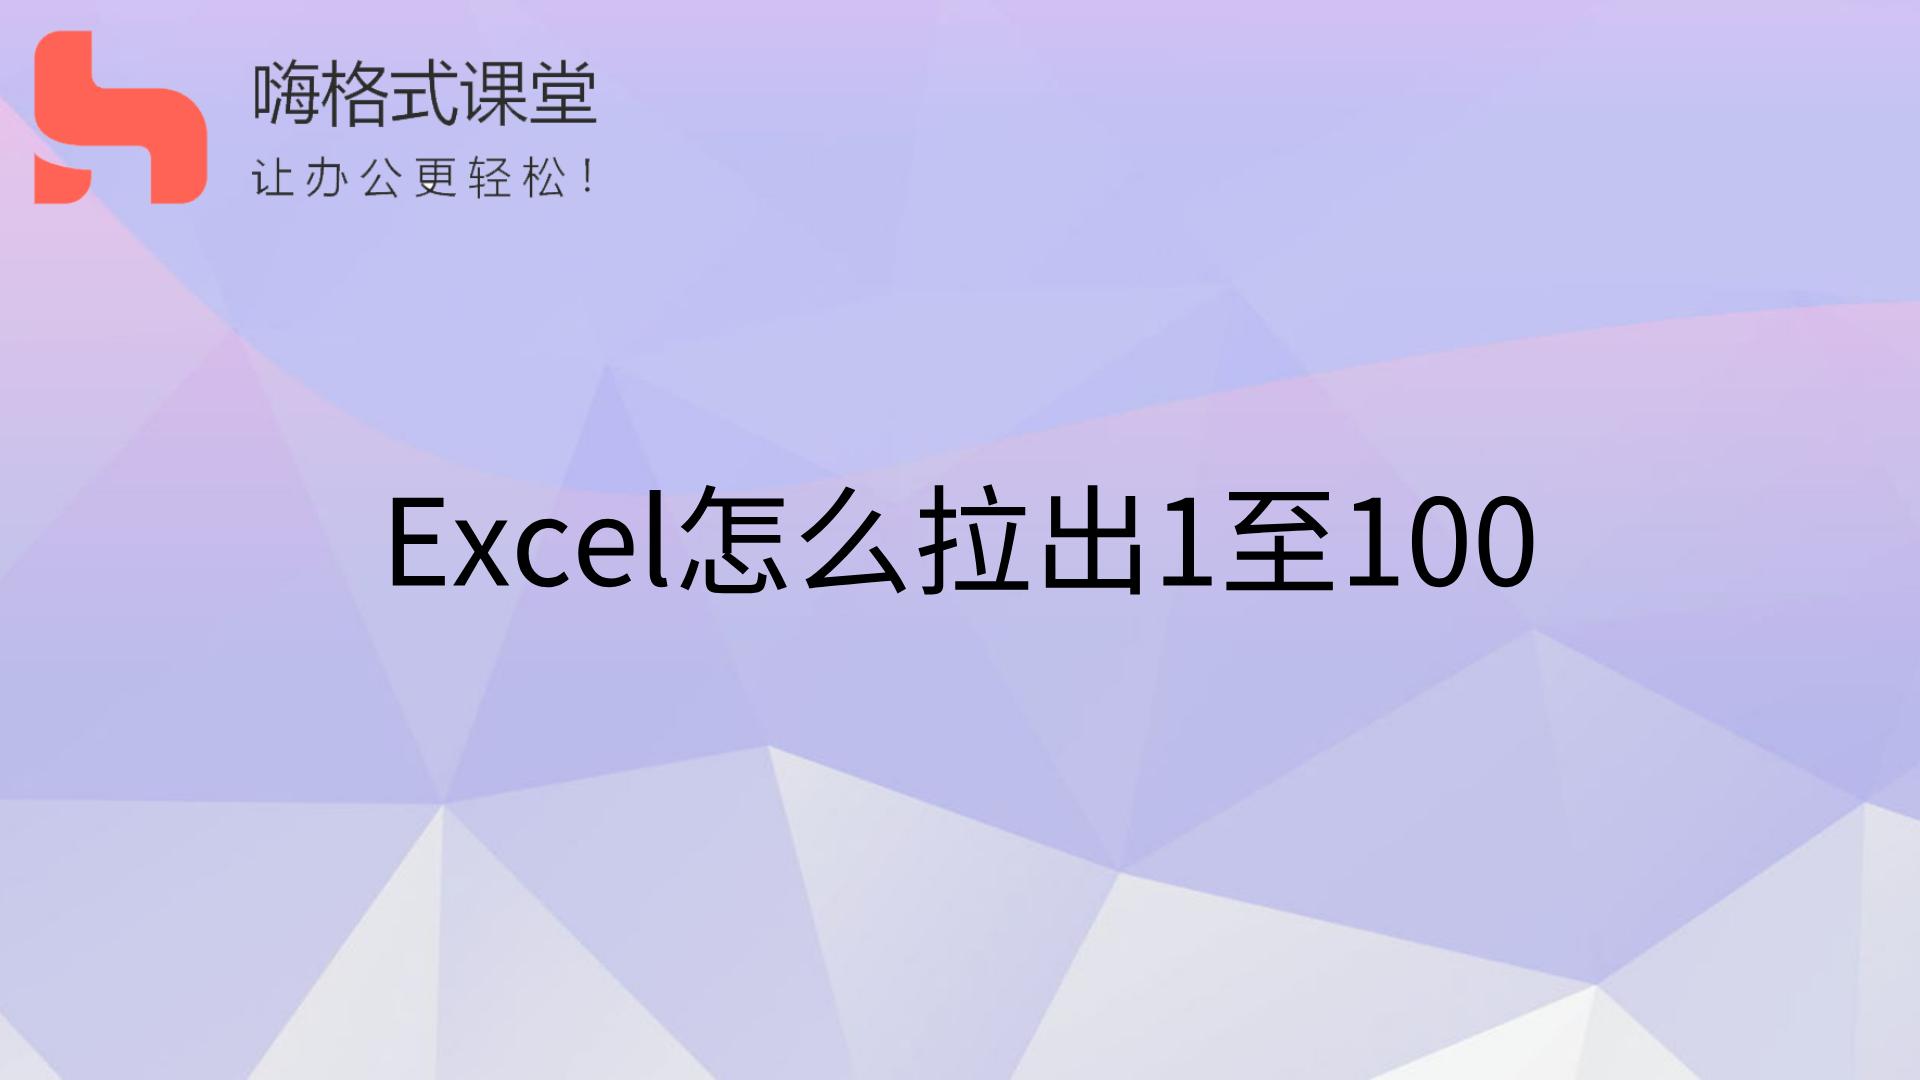 Excel怎么拉出1至100s